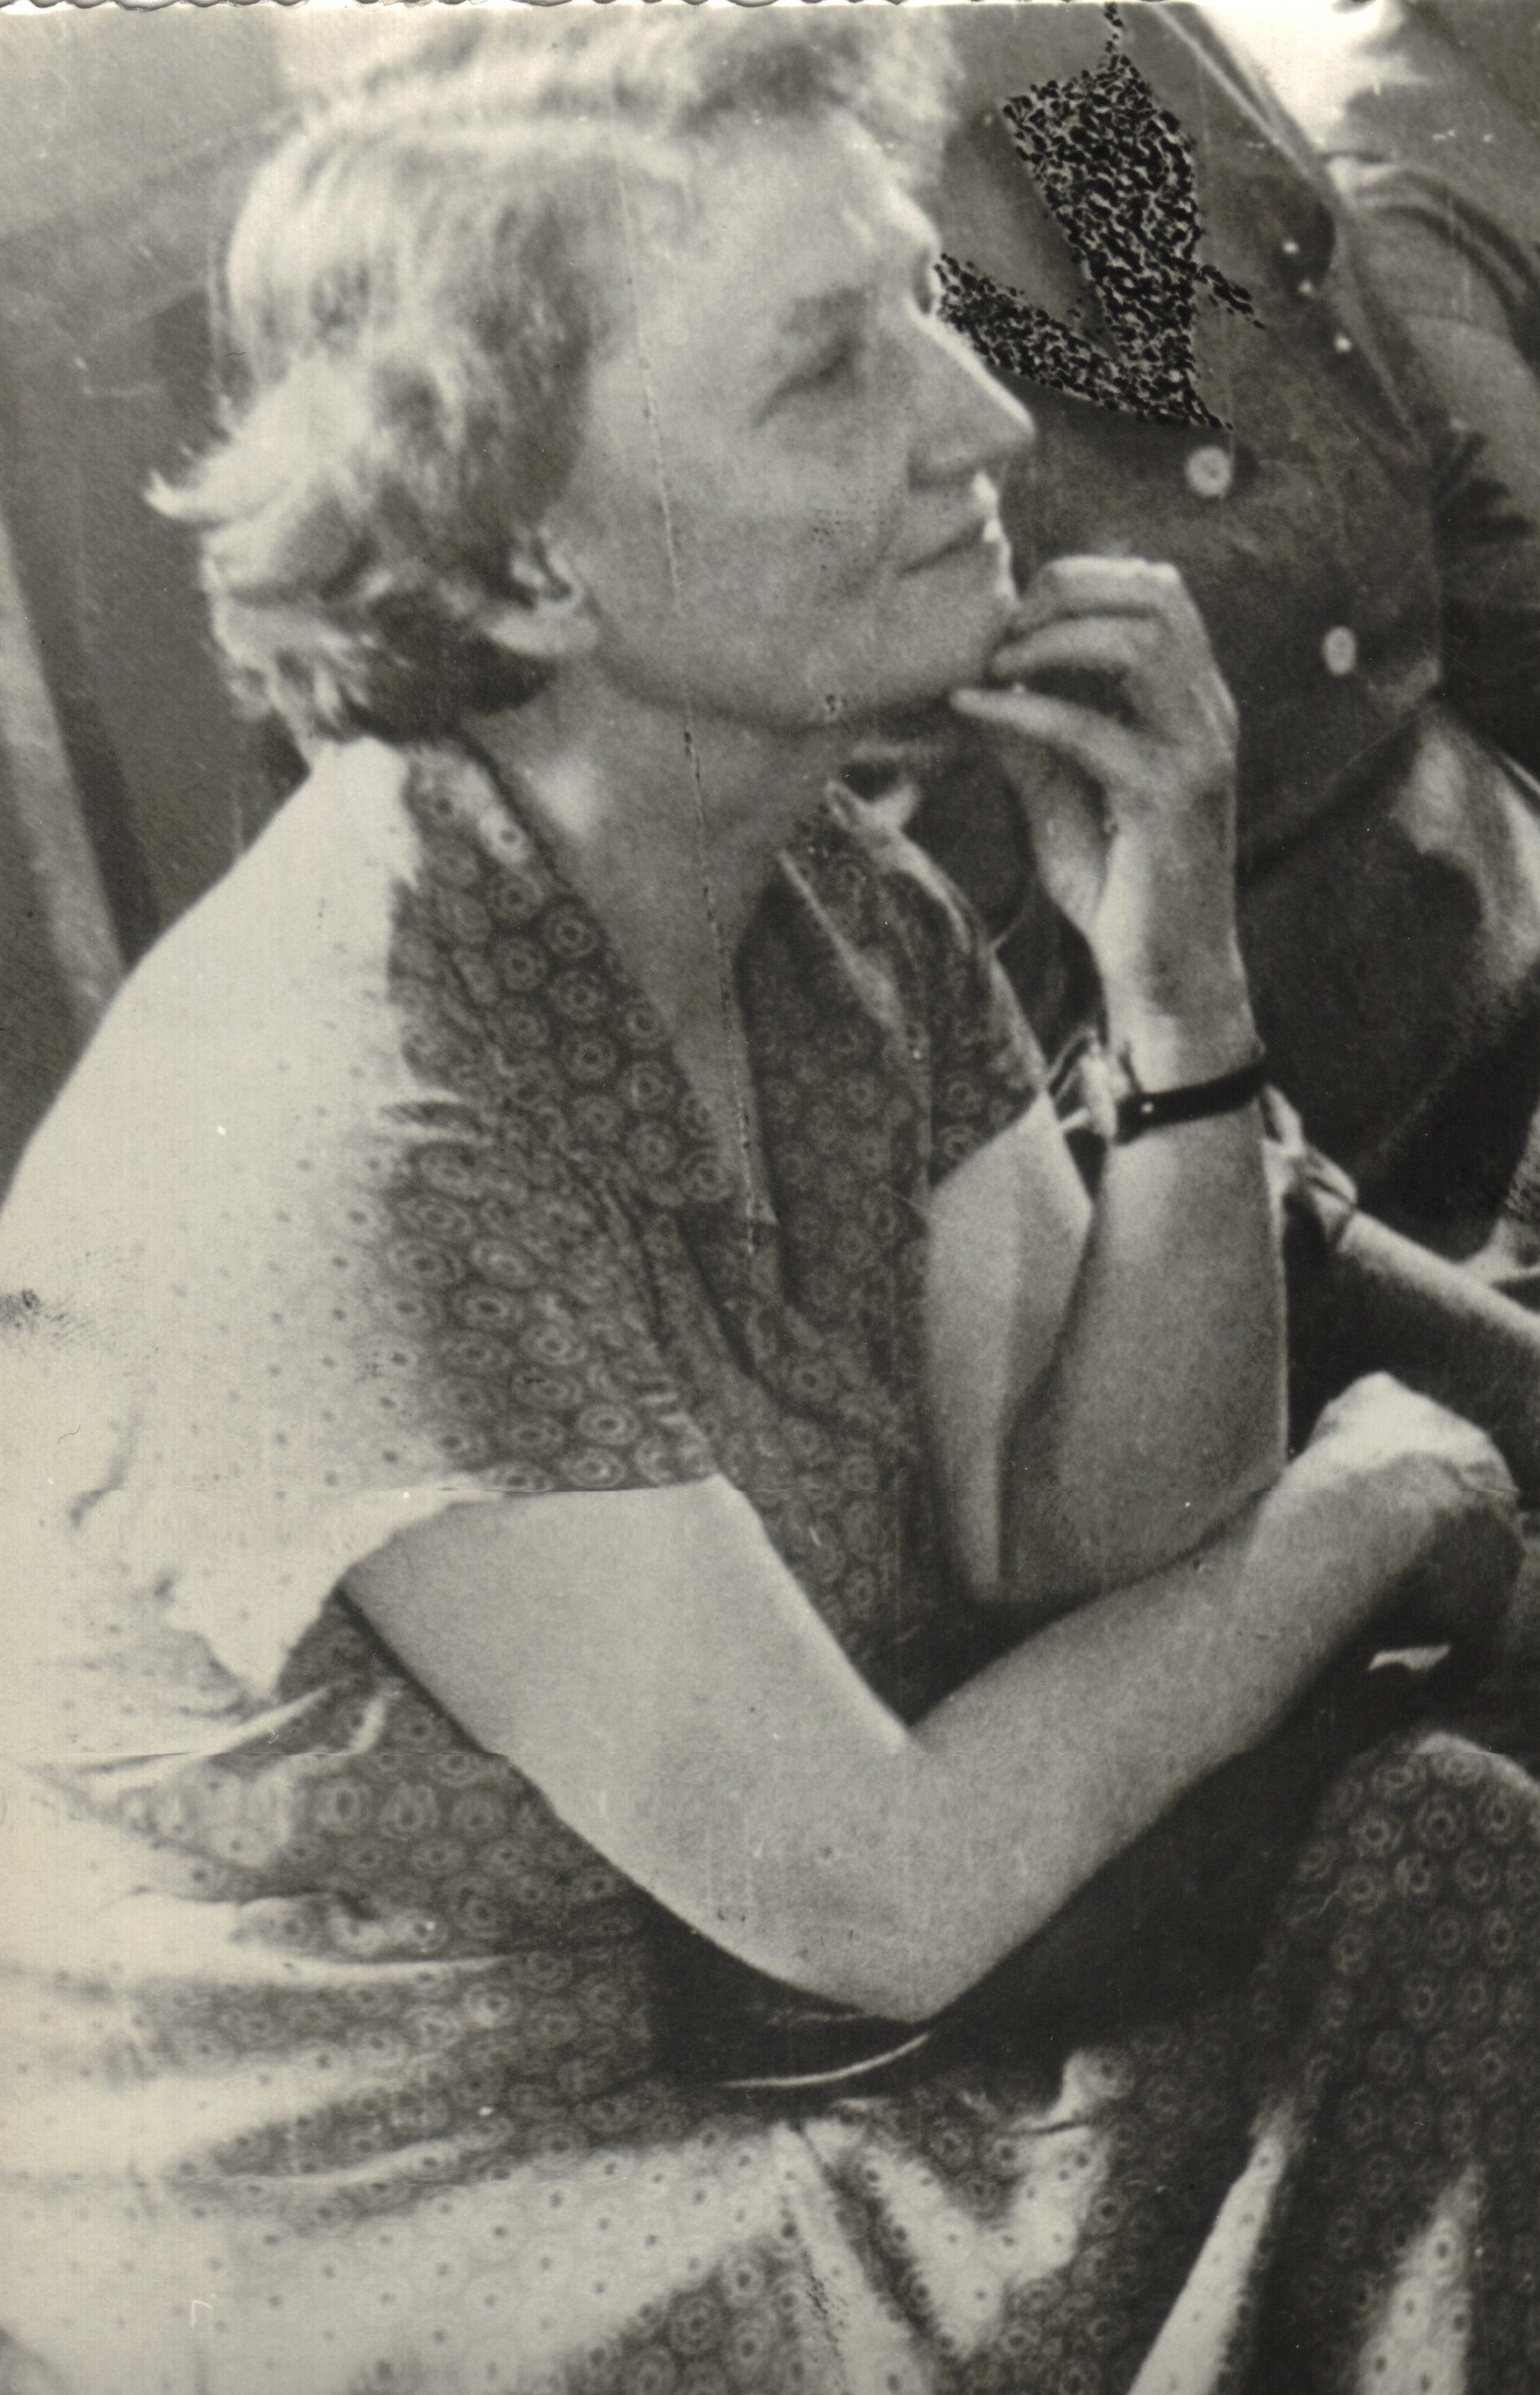 Résultats de recherche d'images pour «Bienheureuse Hanna Chrzanowska»